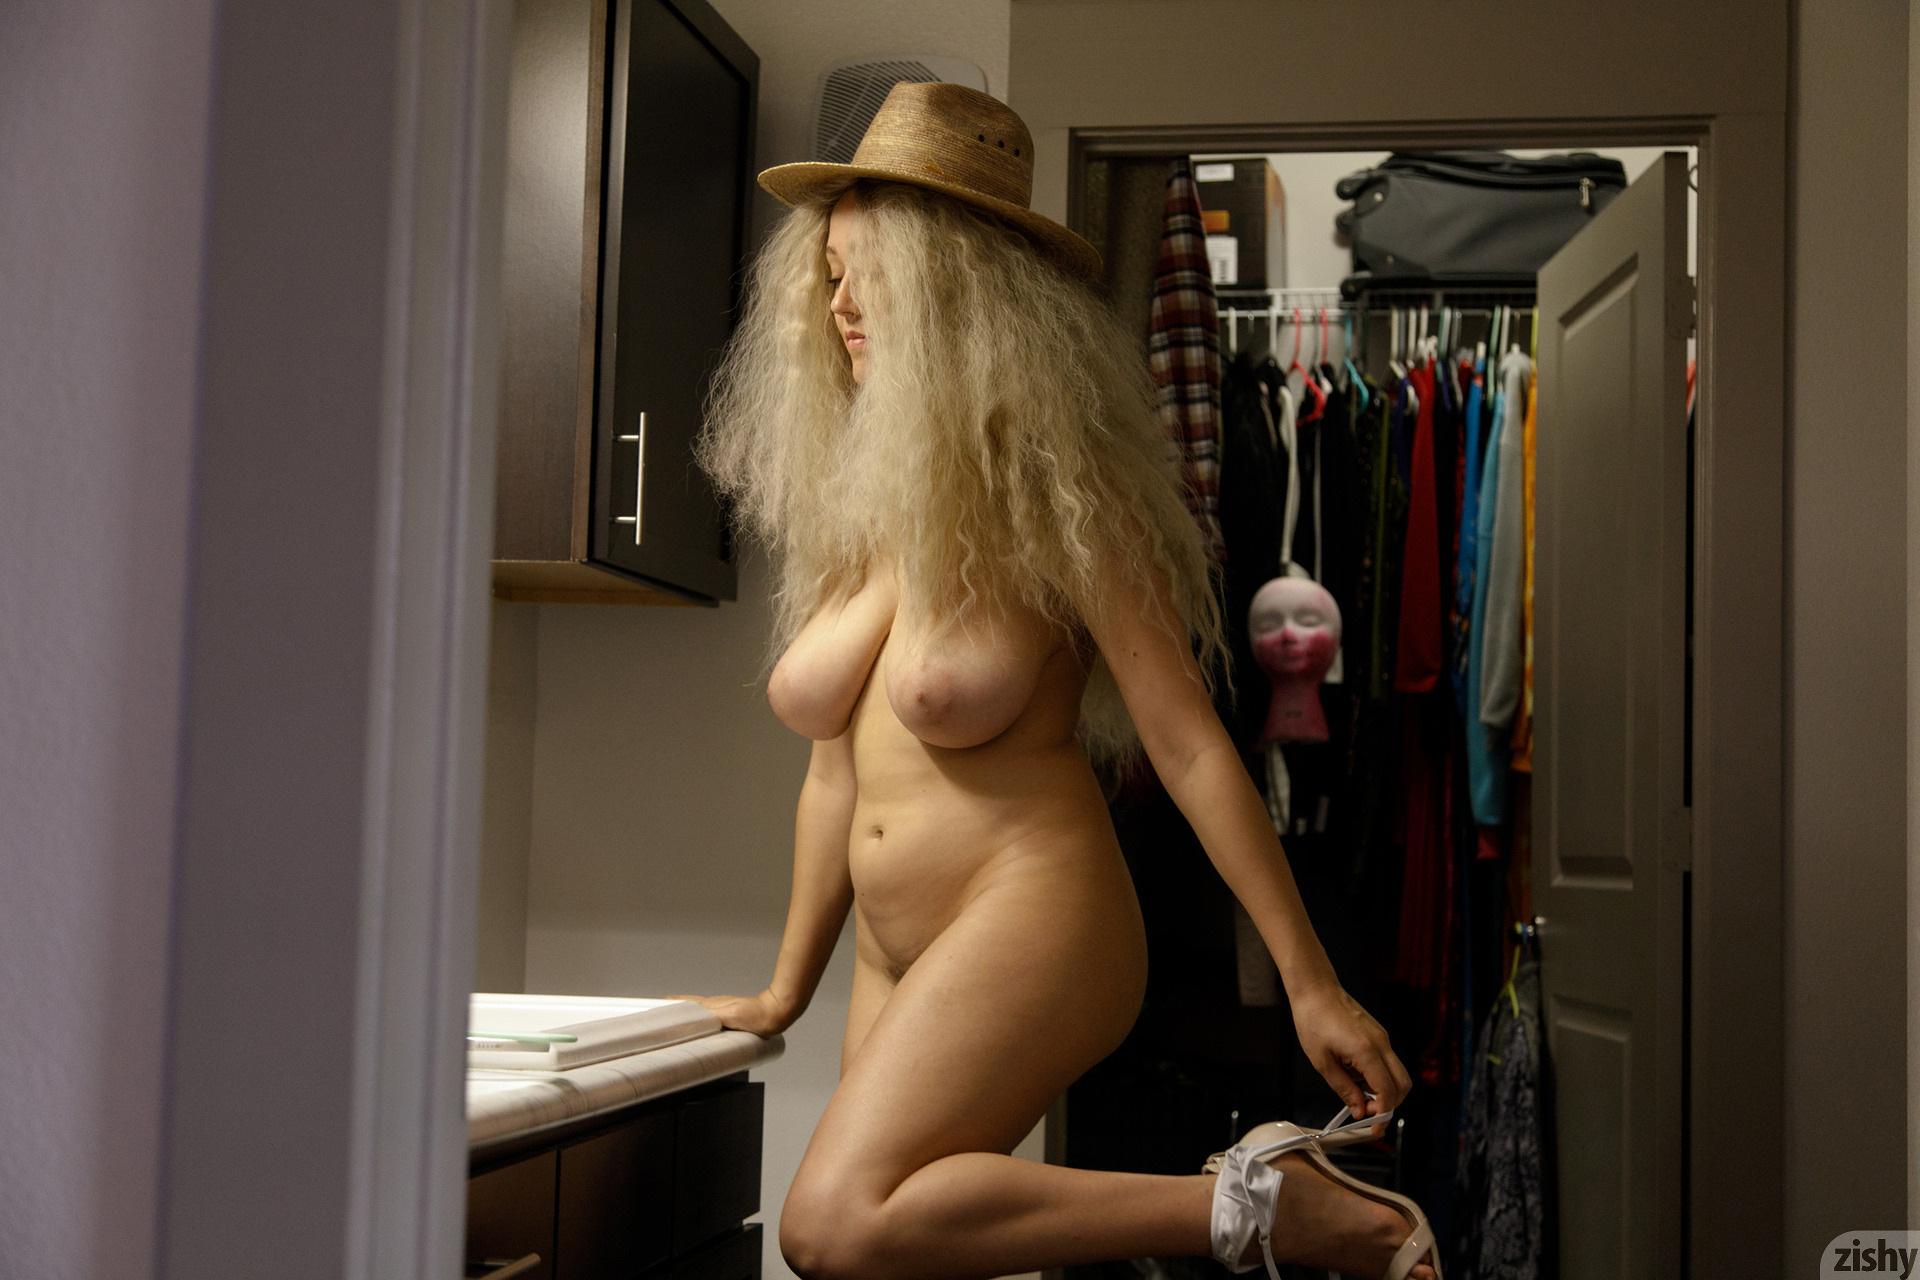 Sabrina Nichole Wigging Out Zishy (6)